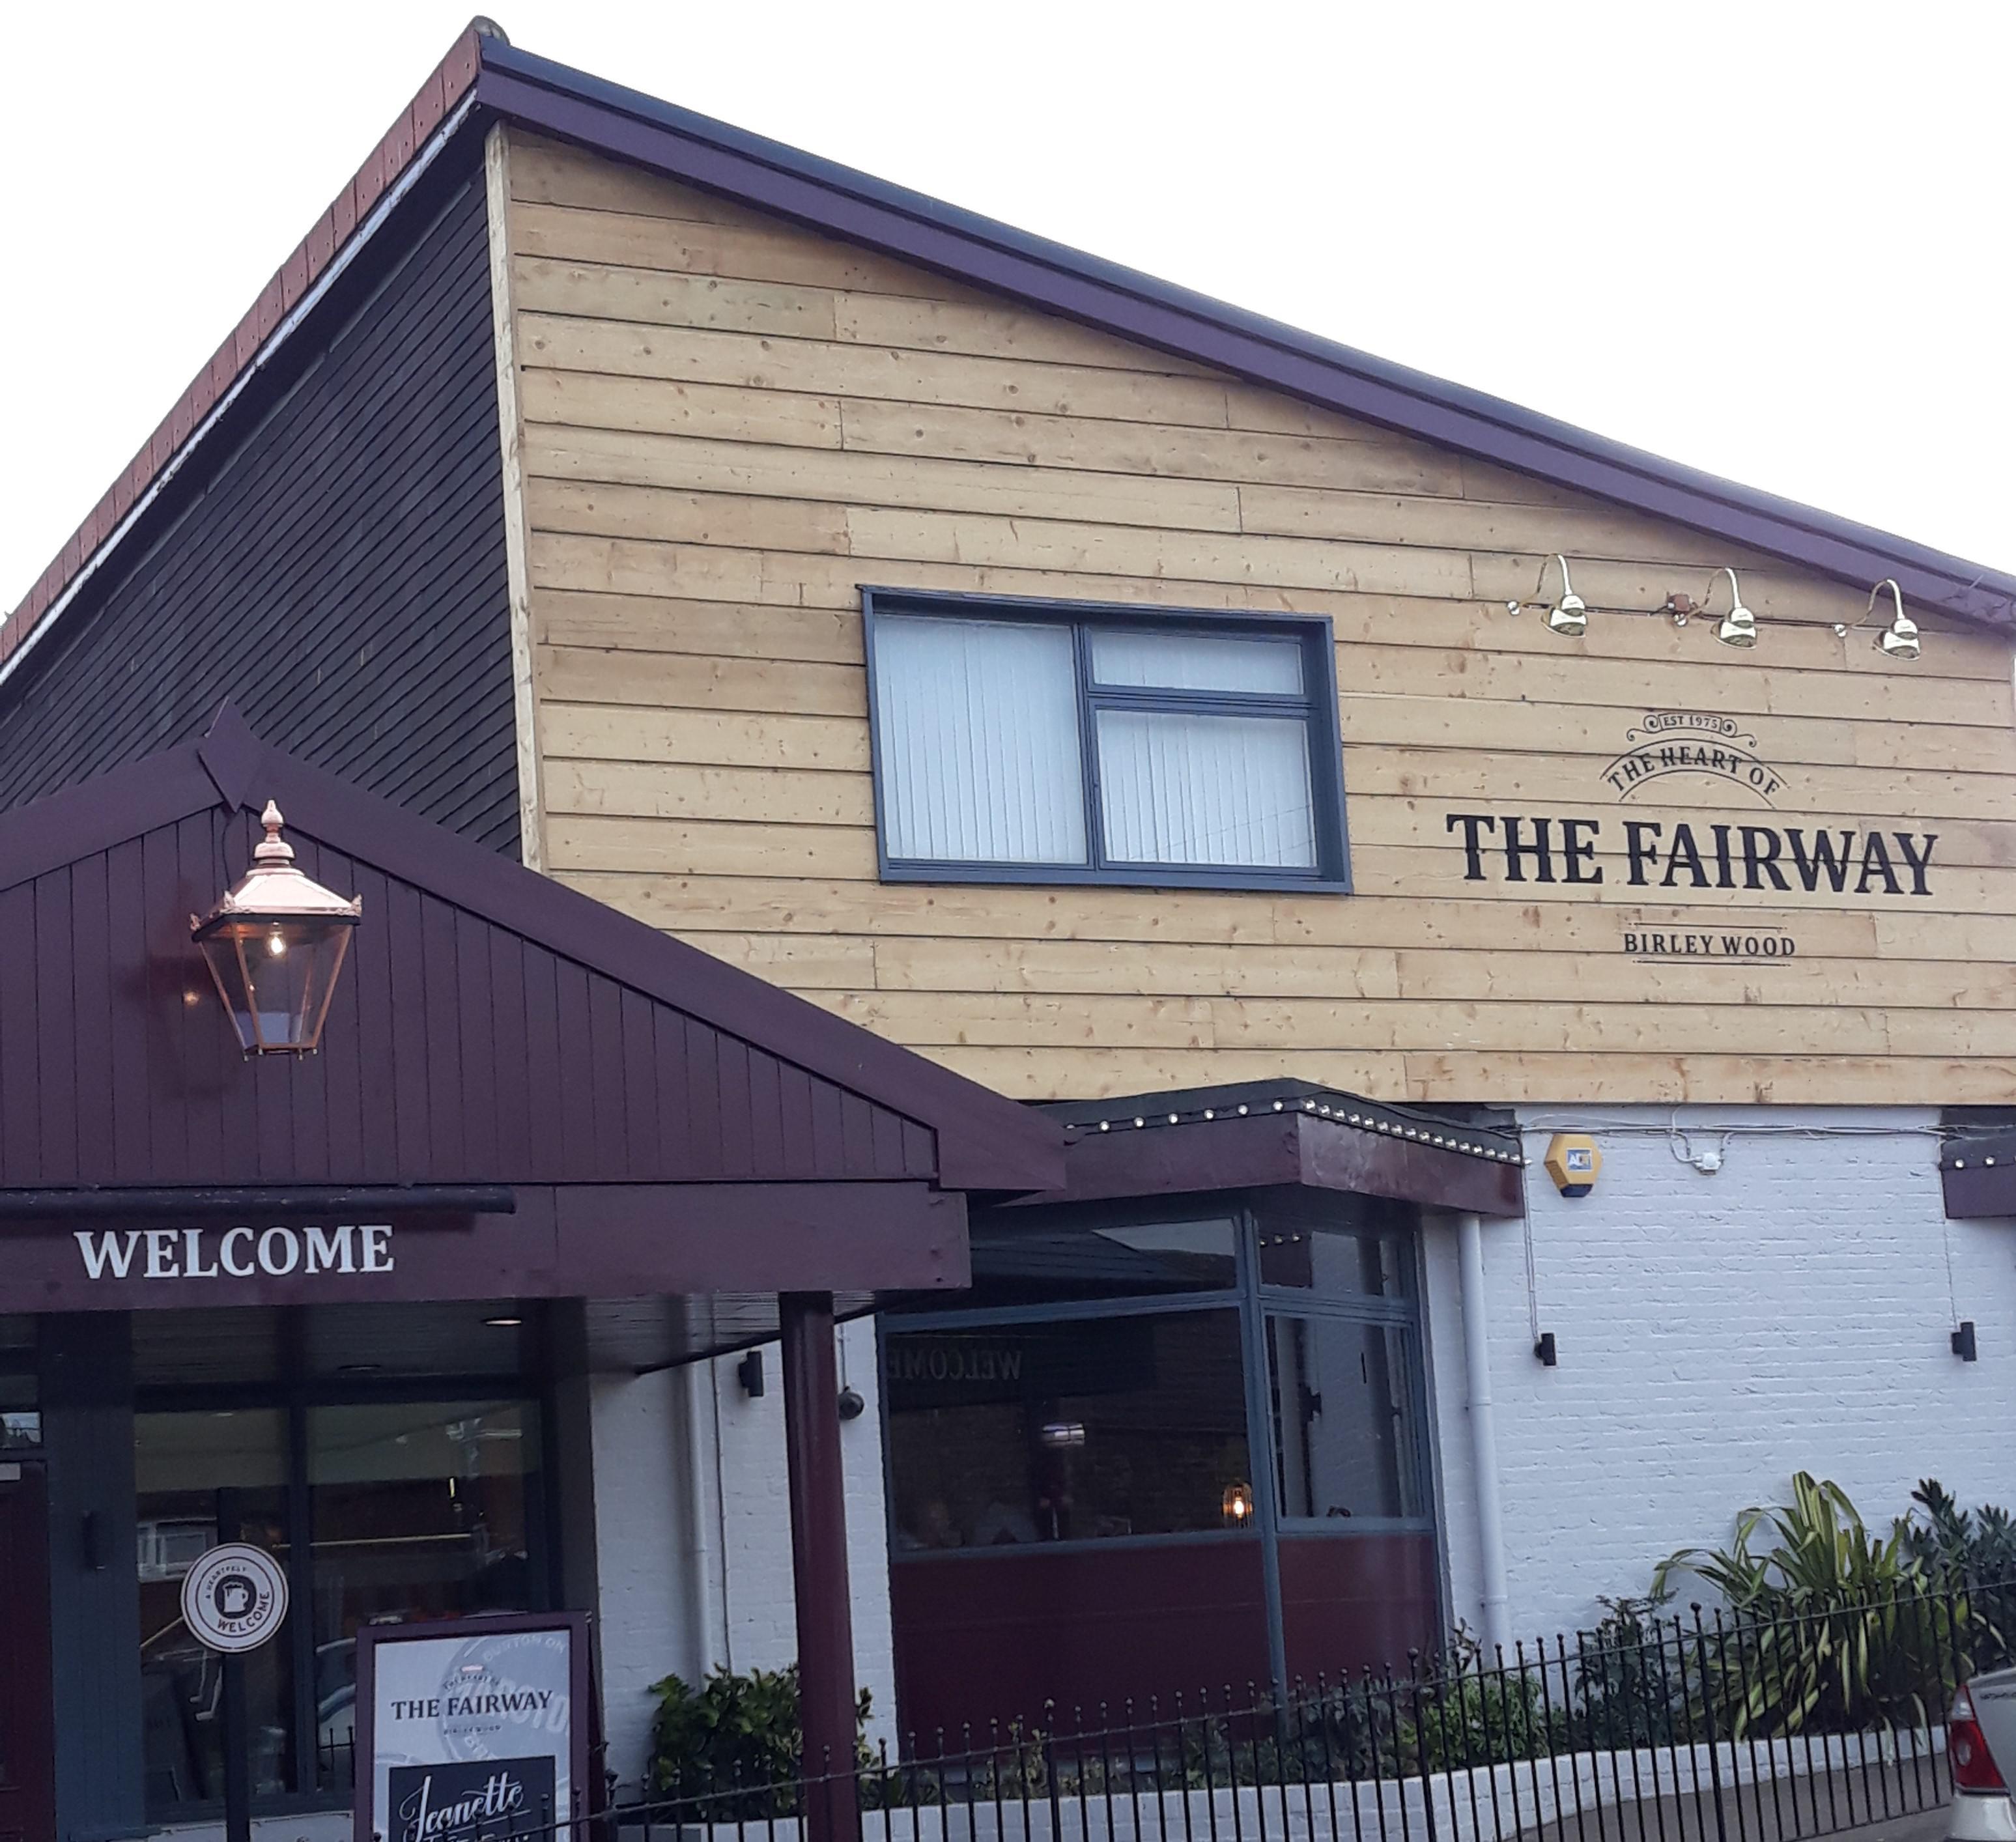 Fairway Sheffield